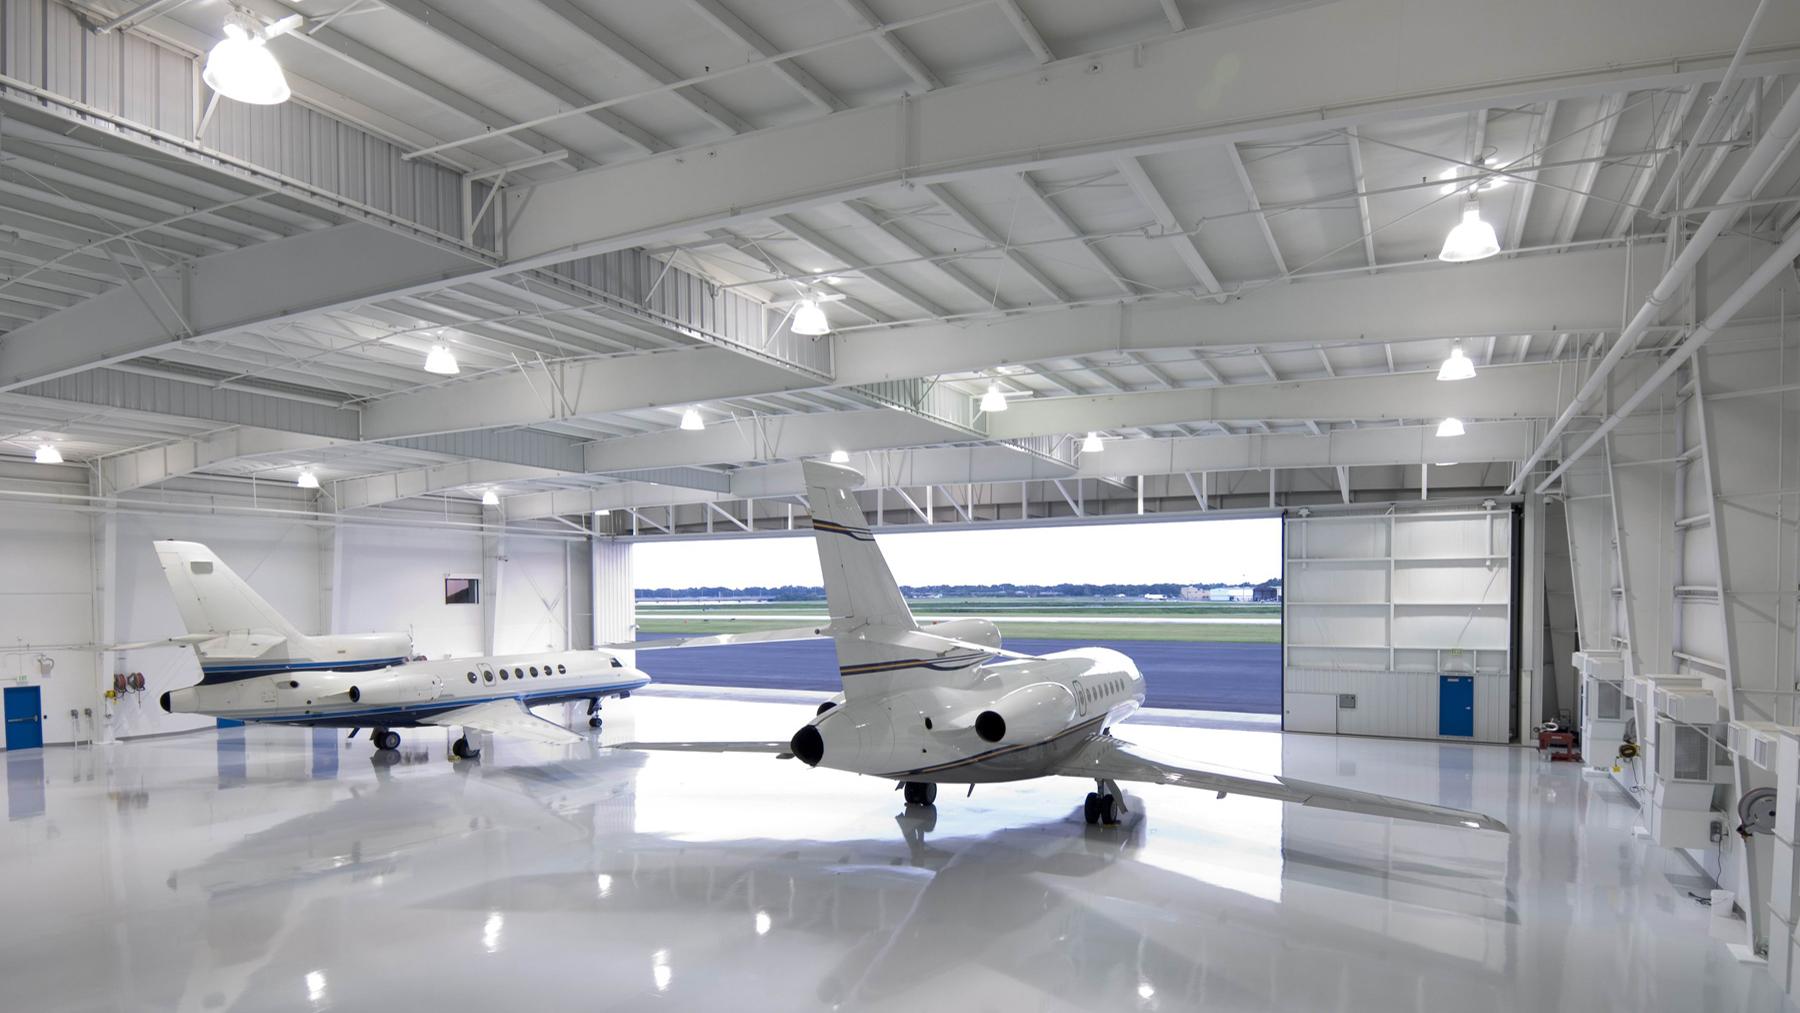 CNL-Hangar-Interior-2005_edit.jpg